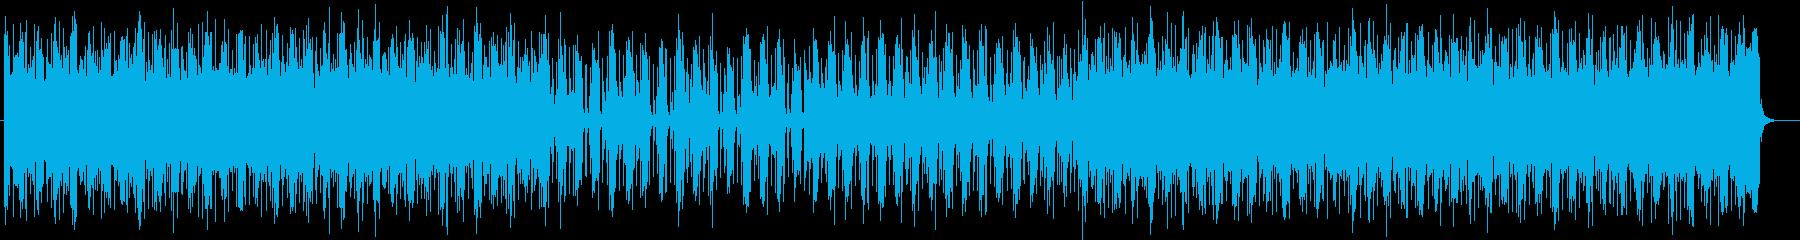 疾走感あるミステリアスなダークテクノの再生済みの波形